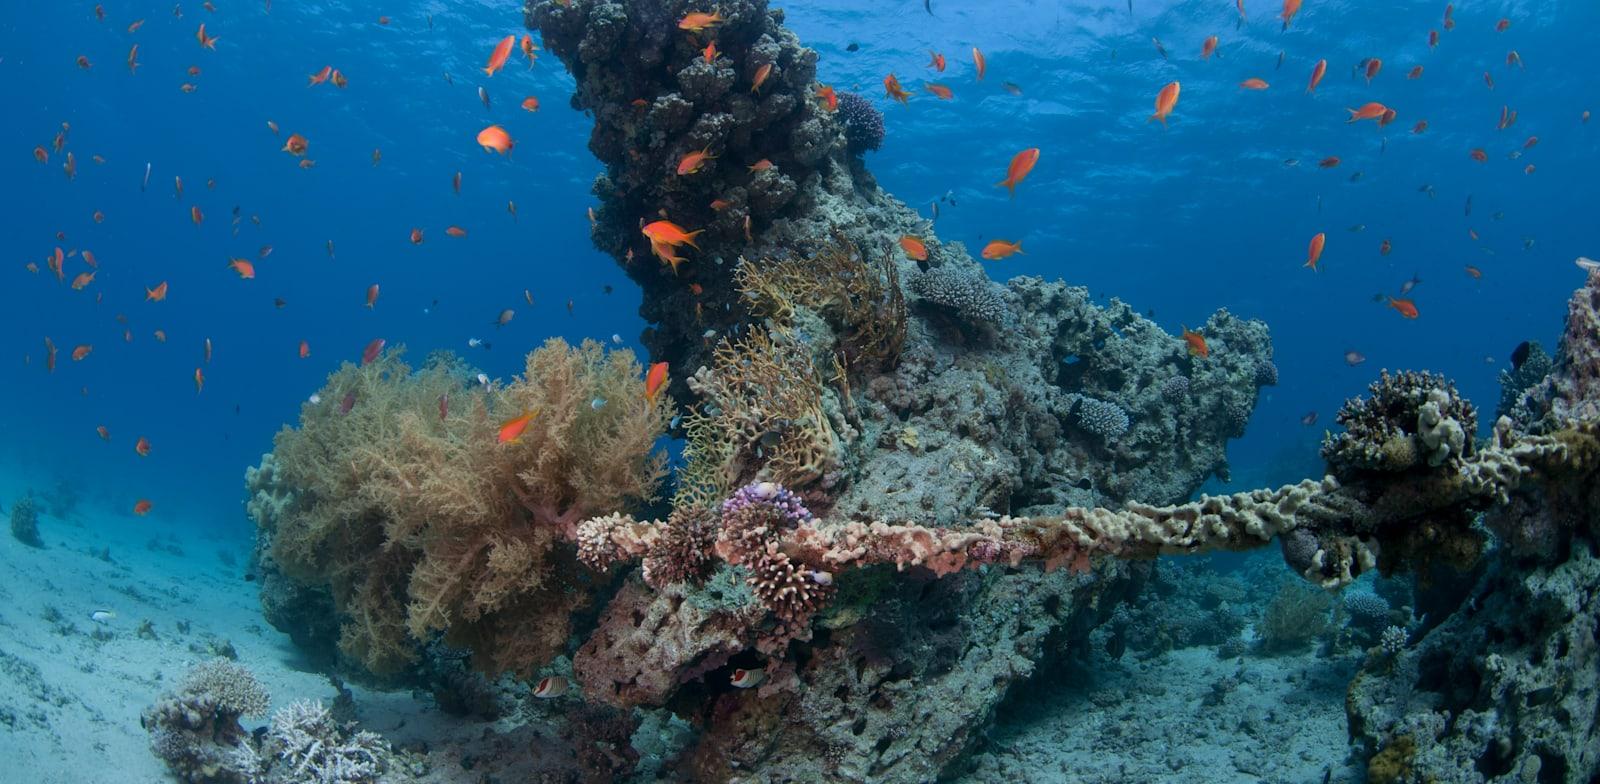 שונית אלמוגים במפרץ אילת / צילום: אמיר שטרן